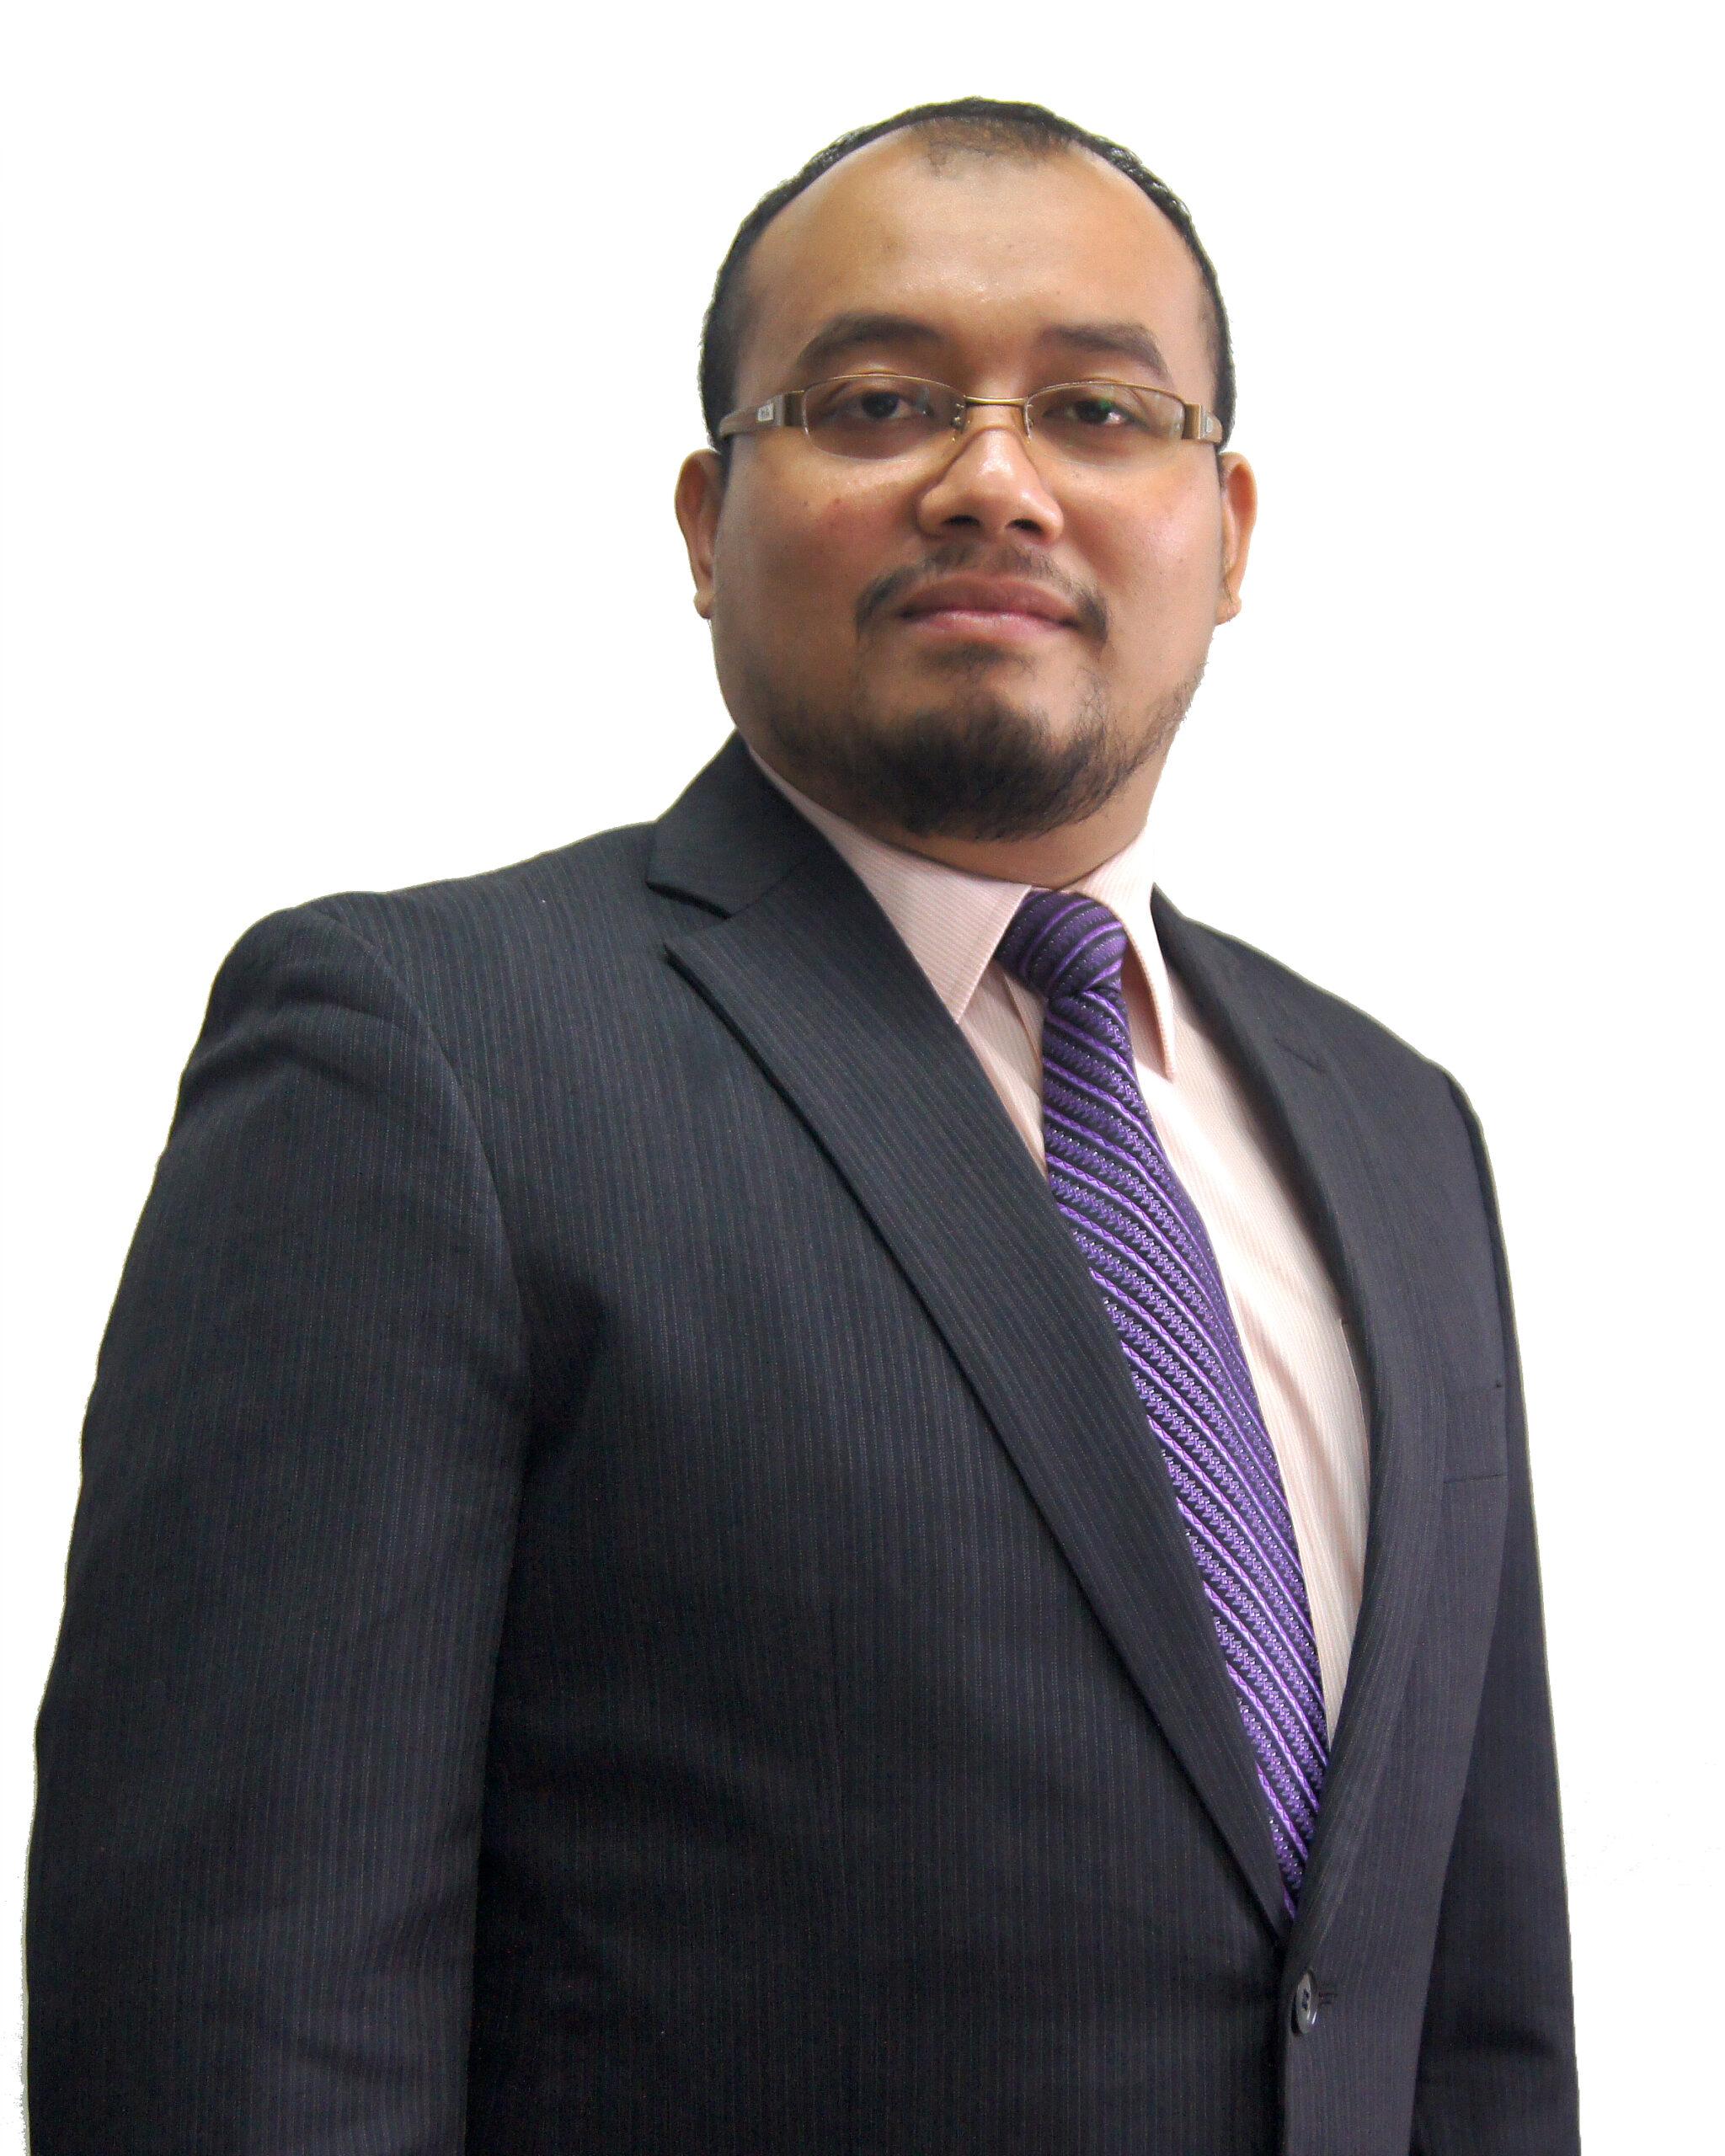 Aizat Fahmi Bin Ahmad